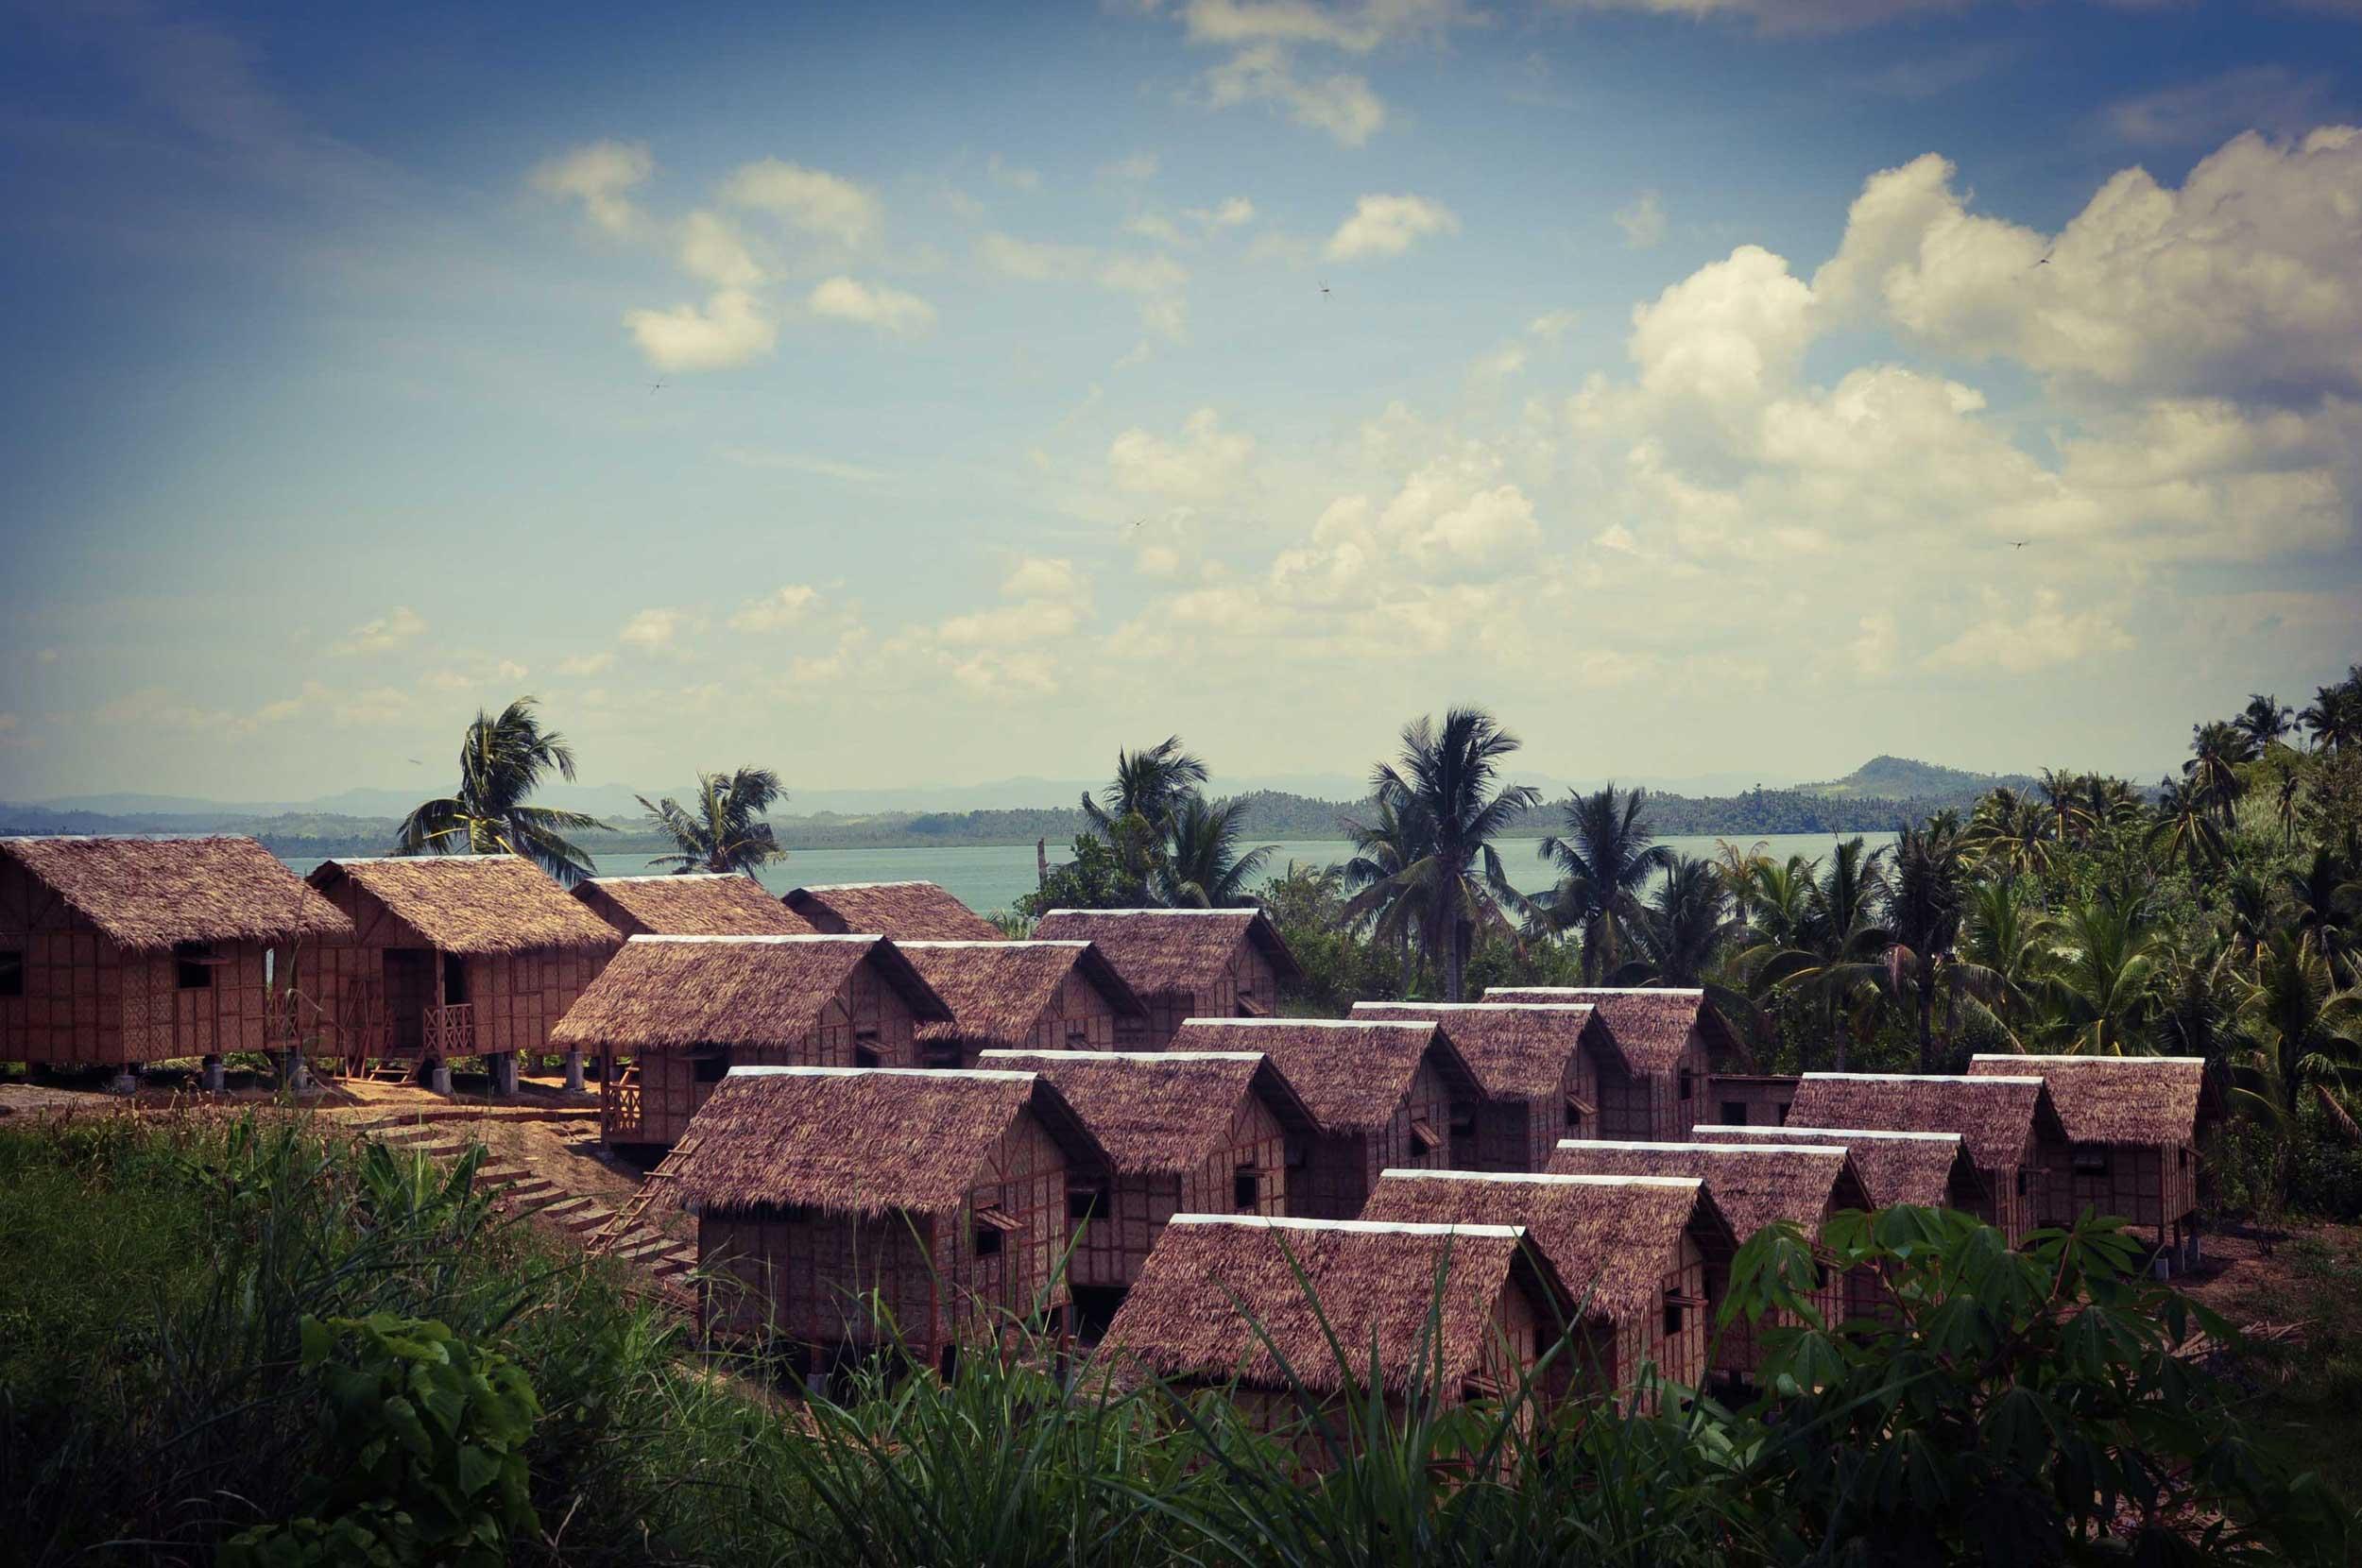 The new transitional village at Tagpuro.